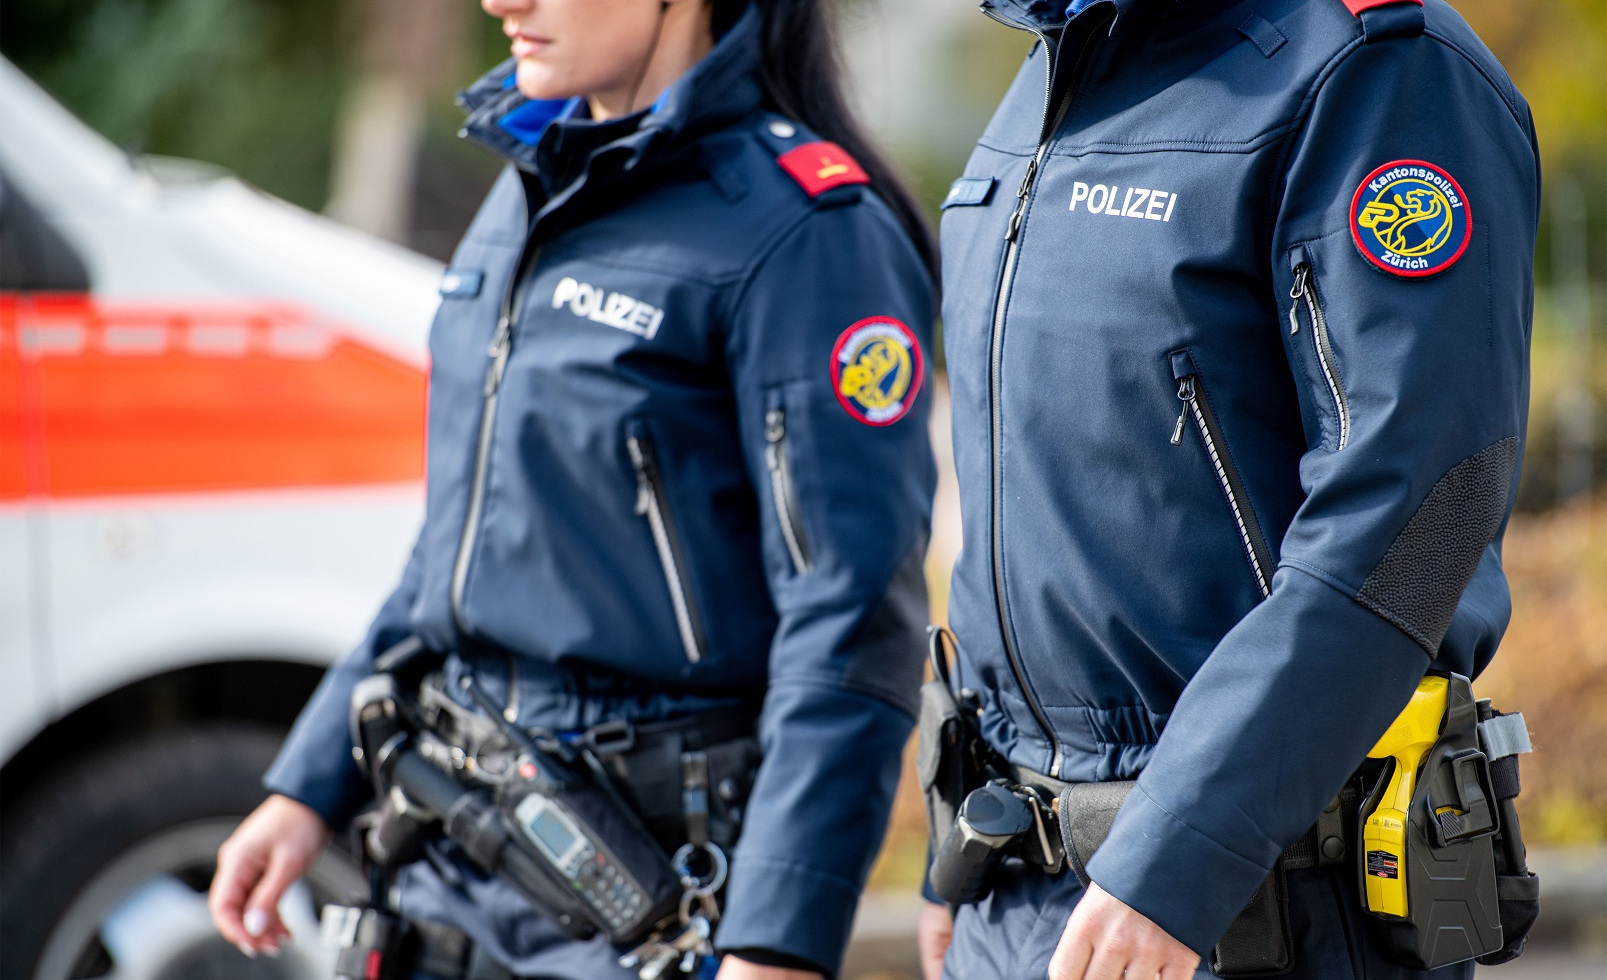 Die Kantonspolizei Zürich sorgt für die Sicherheit im Kanton Zürich. (Bildquelle: Kapo ZH)